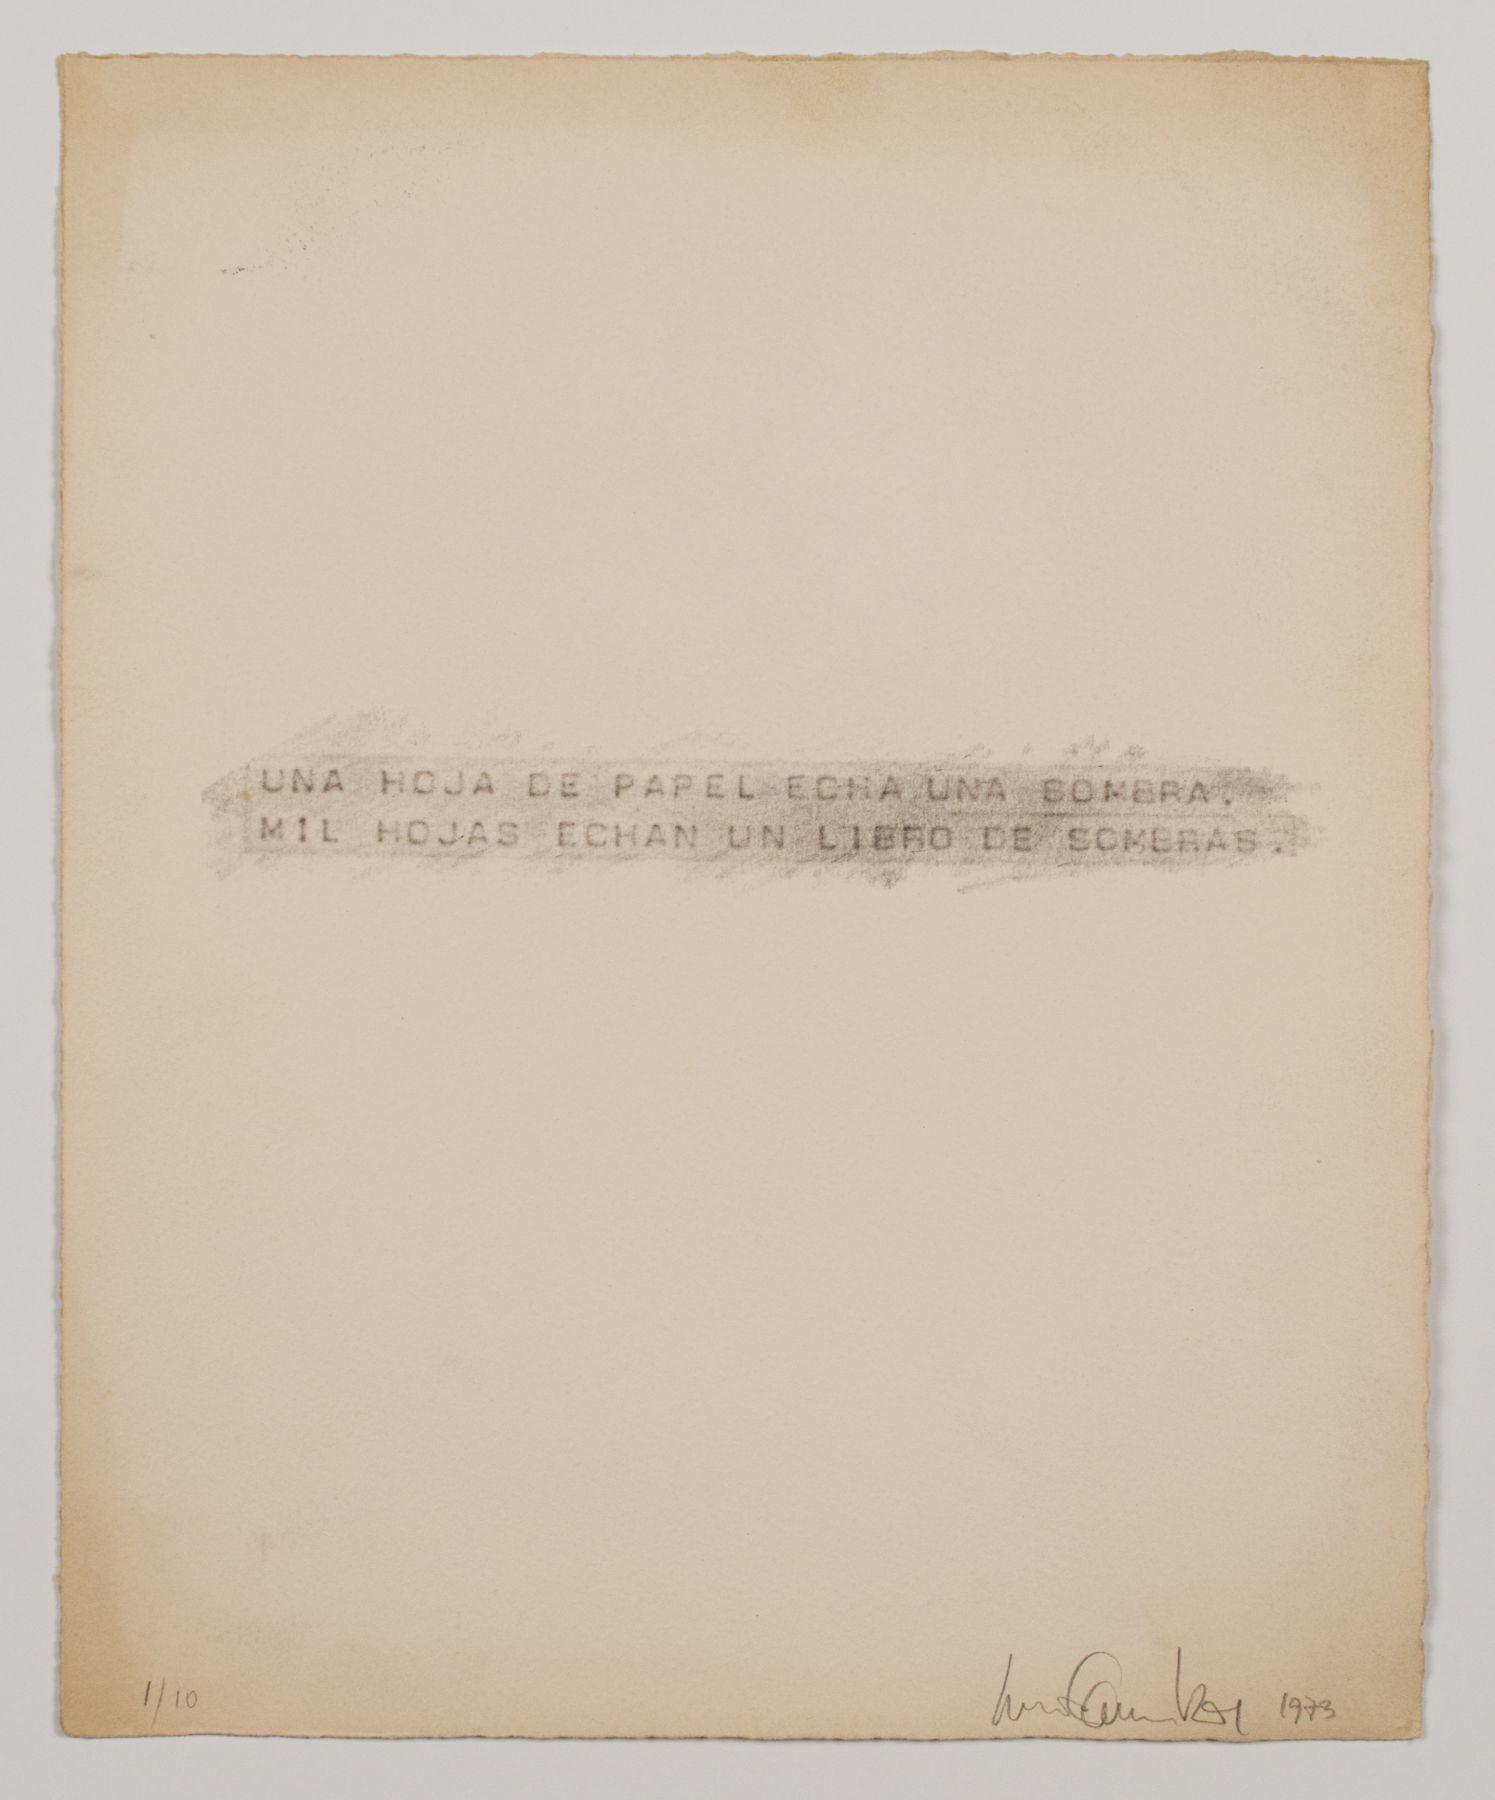 Luis Camnitzer, Una hoja de papel echa una sombra. Mil hojas echan un libro de sombras., 1973